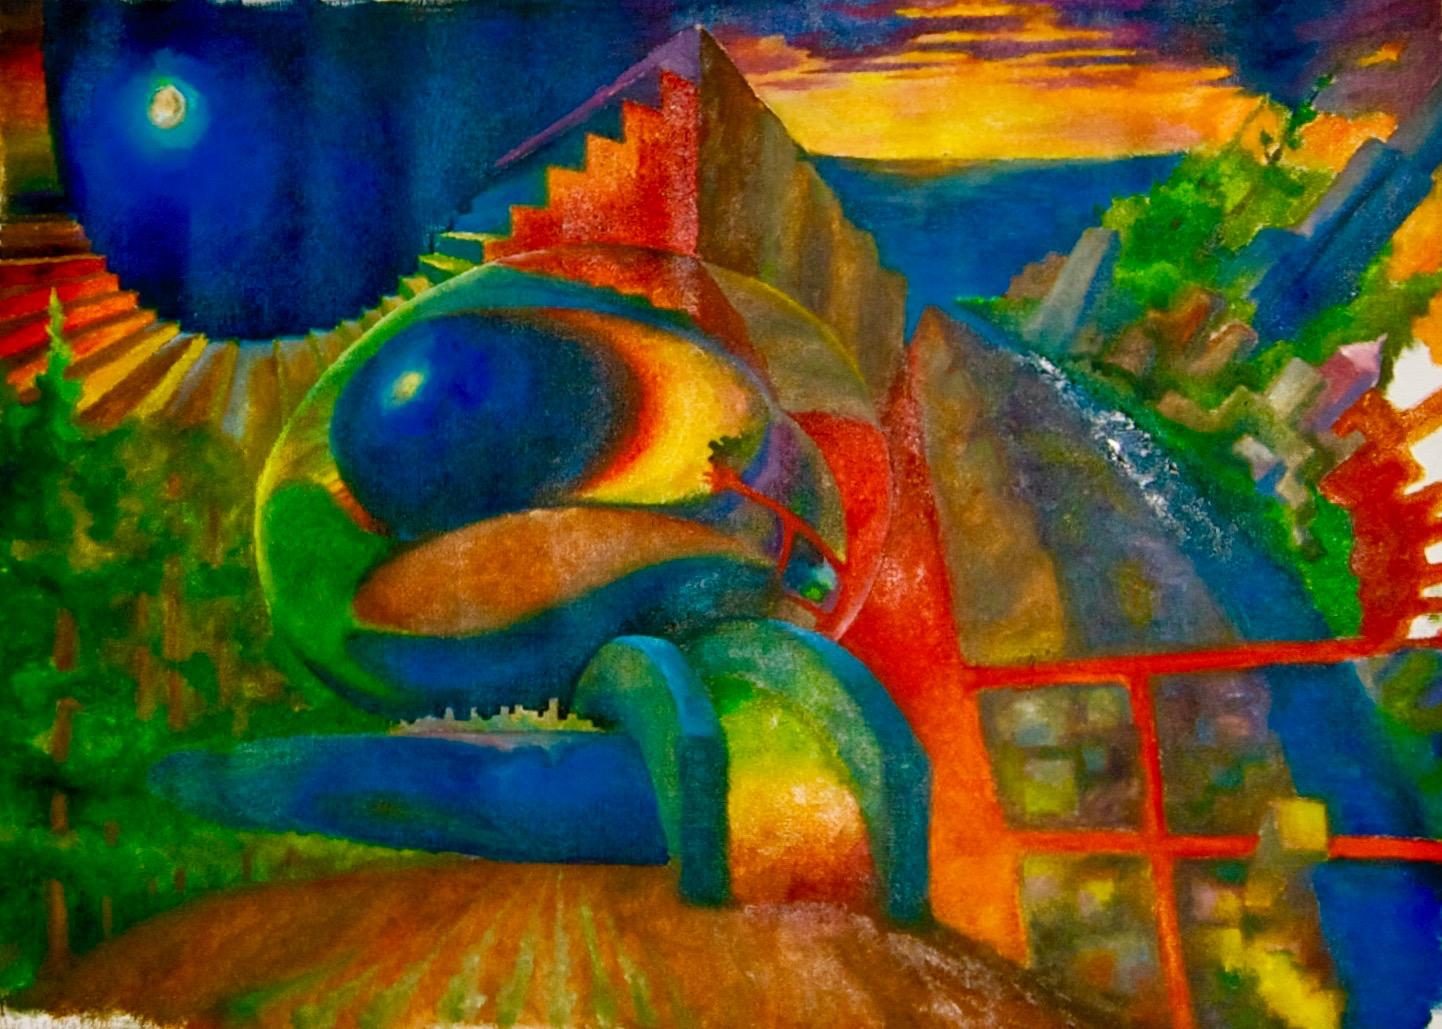 Abstract Illi 2012, oils